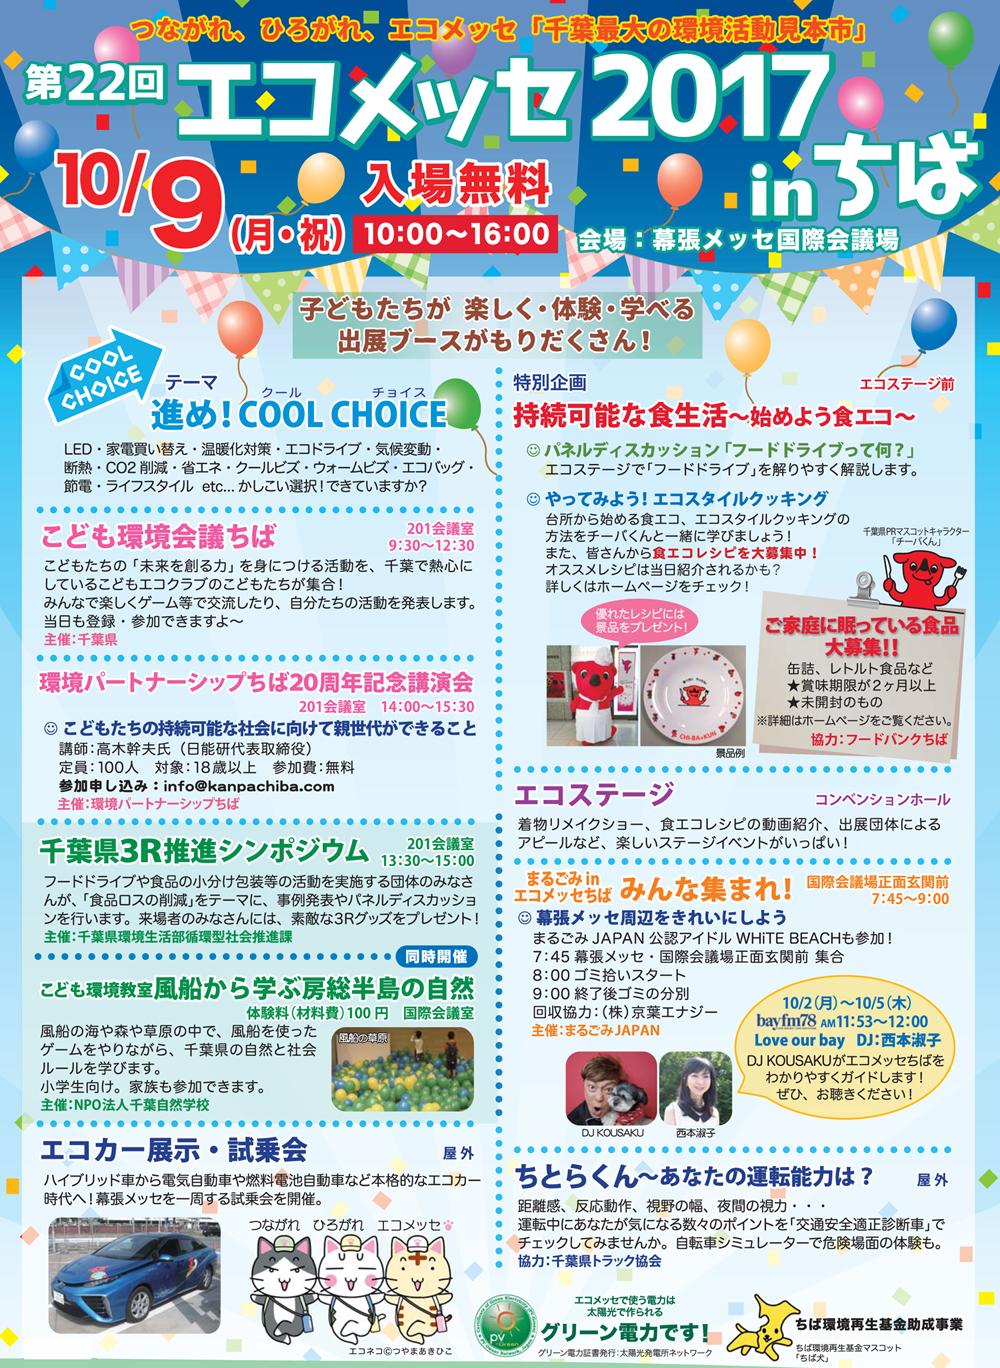 エコメッセ2017in千葉 10月9日 エコメッセちば―千葉県内最大級の環境イベント! #エコメッセ #食エコレシピ @ 幕張メッセ | 千葉市 | 千葉県 | 日本